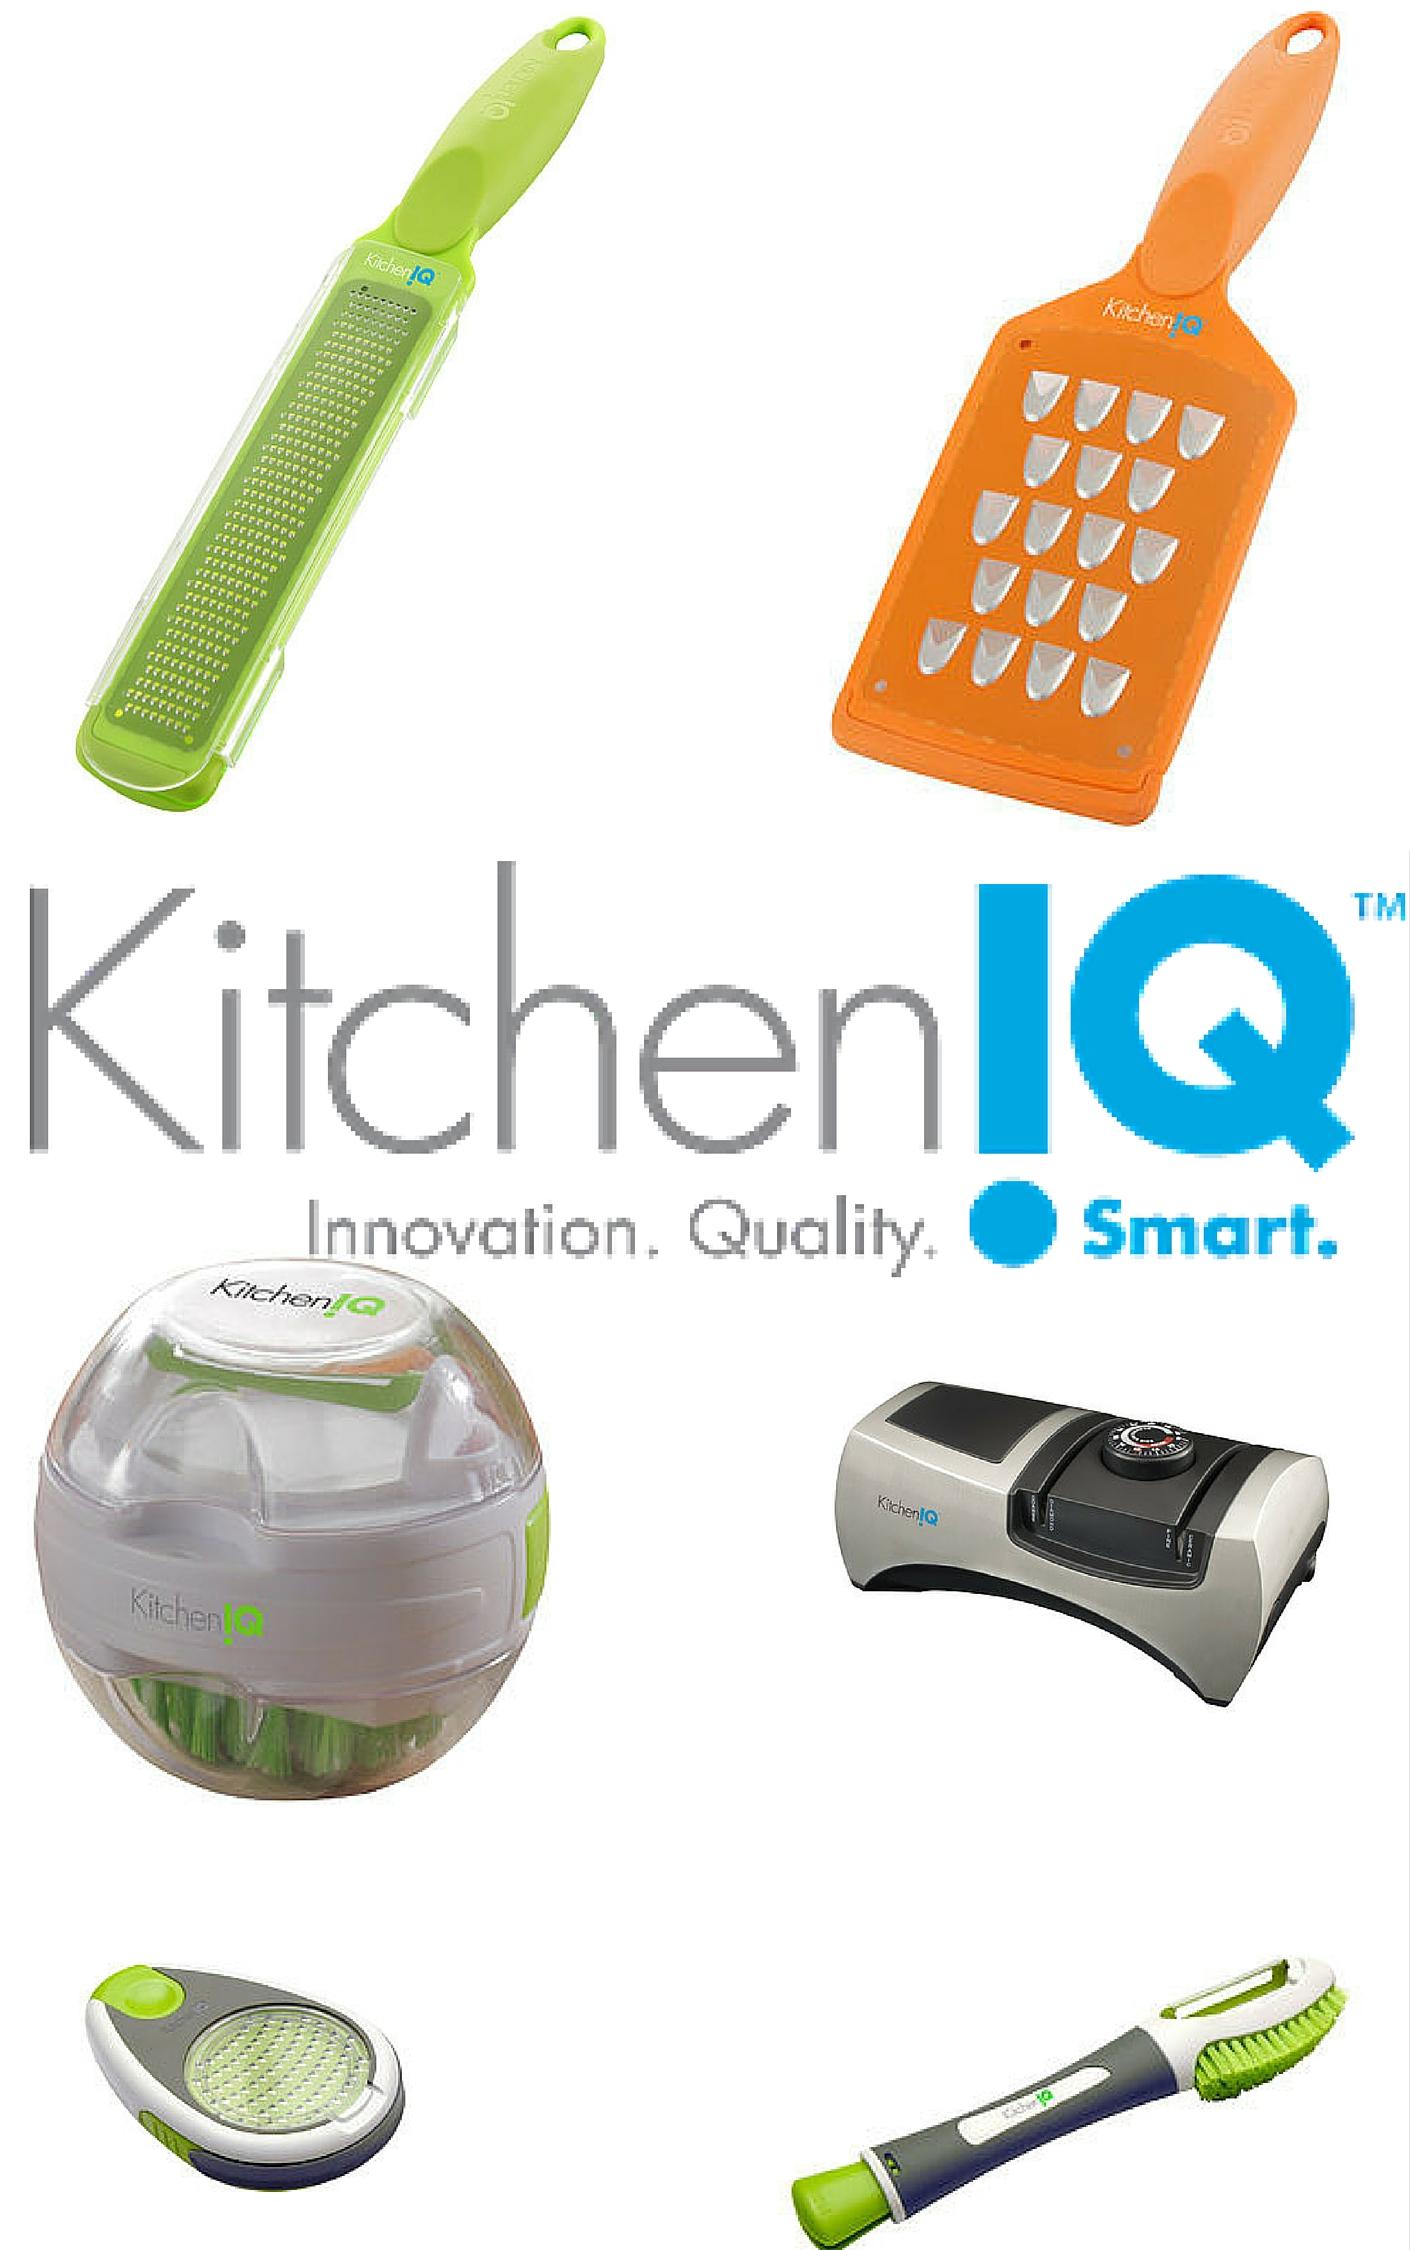 Kitchen IQ